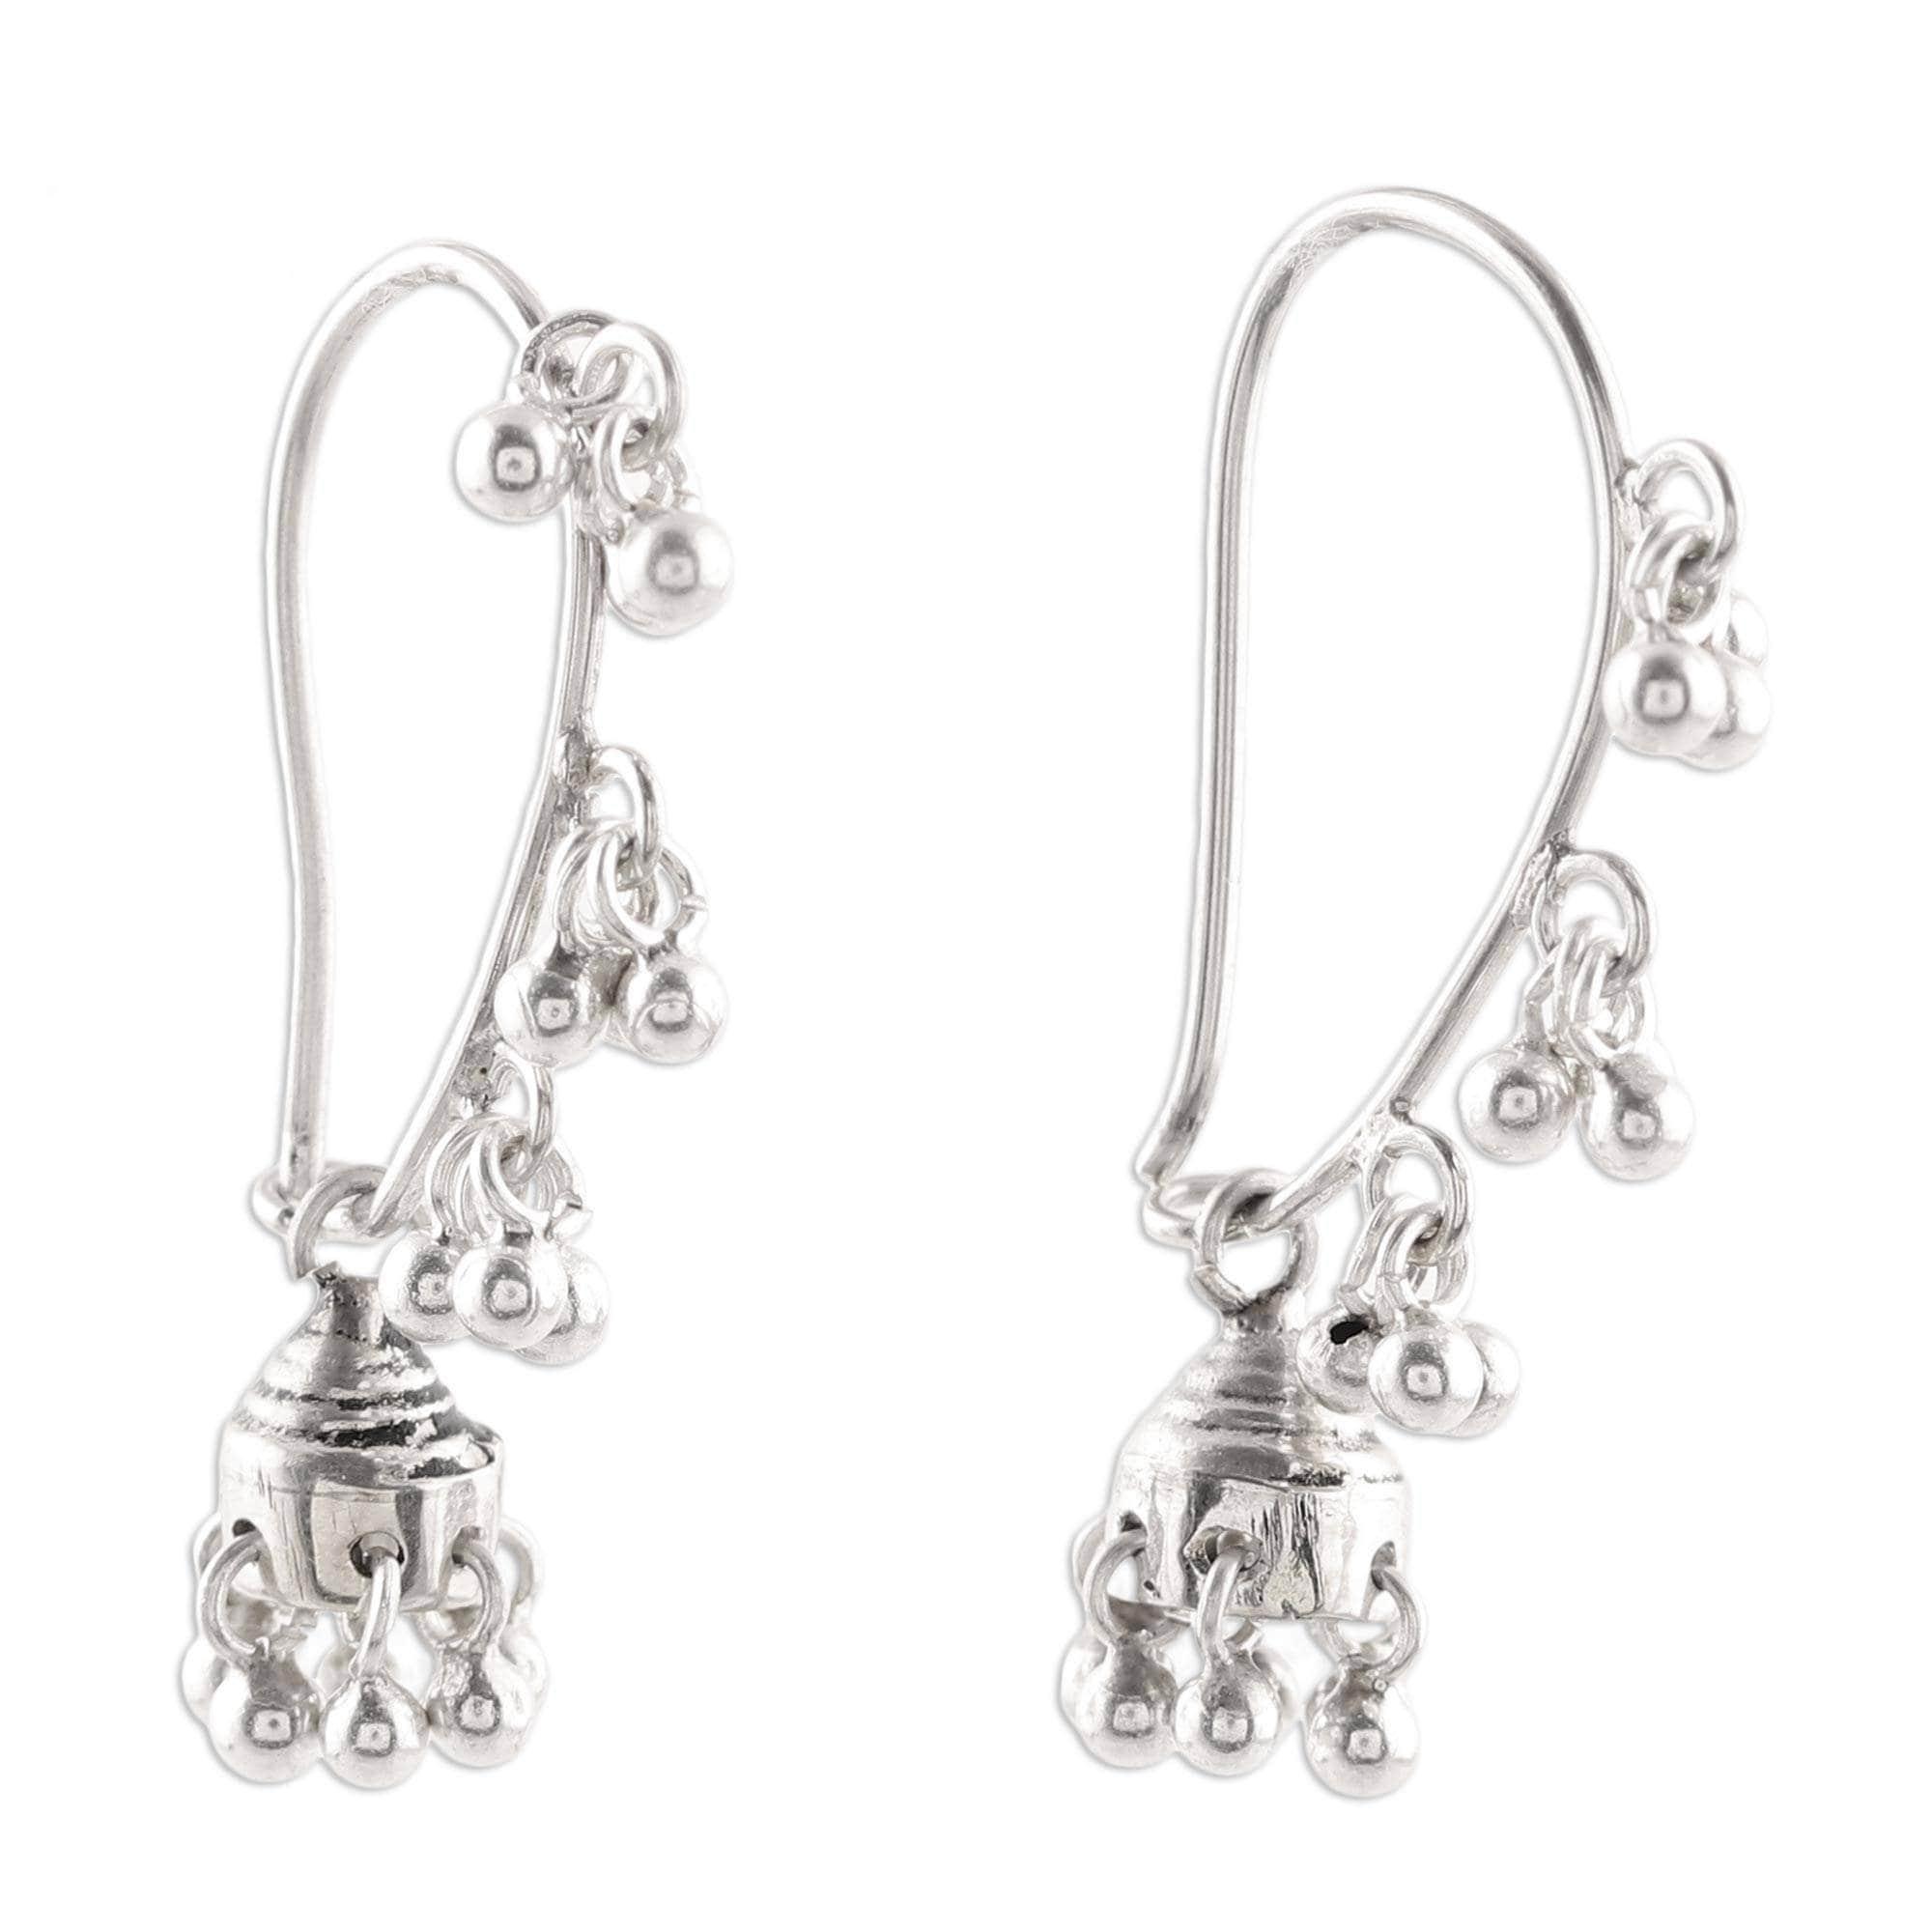 ethnic filigree earrings gypsy earrings Indian chandelier earrings christmas gift woman ethnic gift idea silver hippie earrings